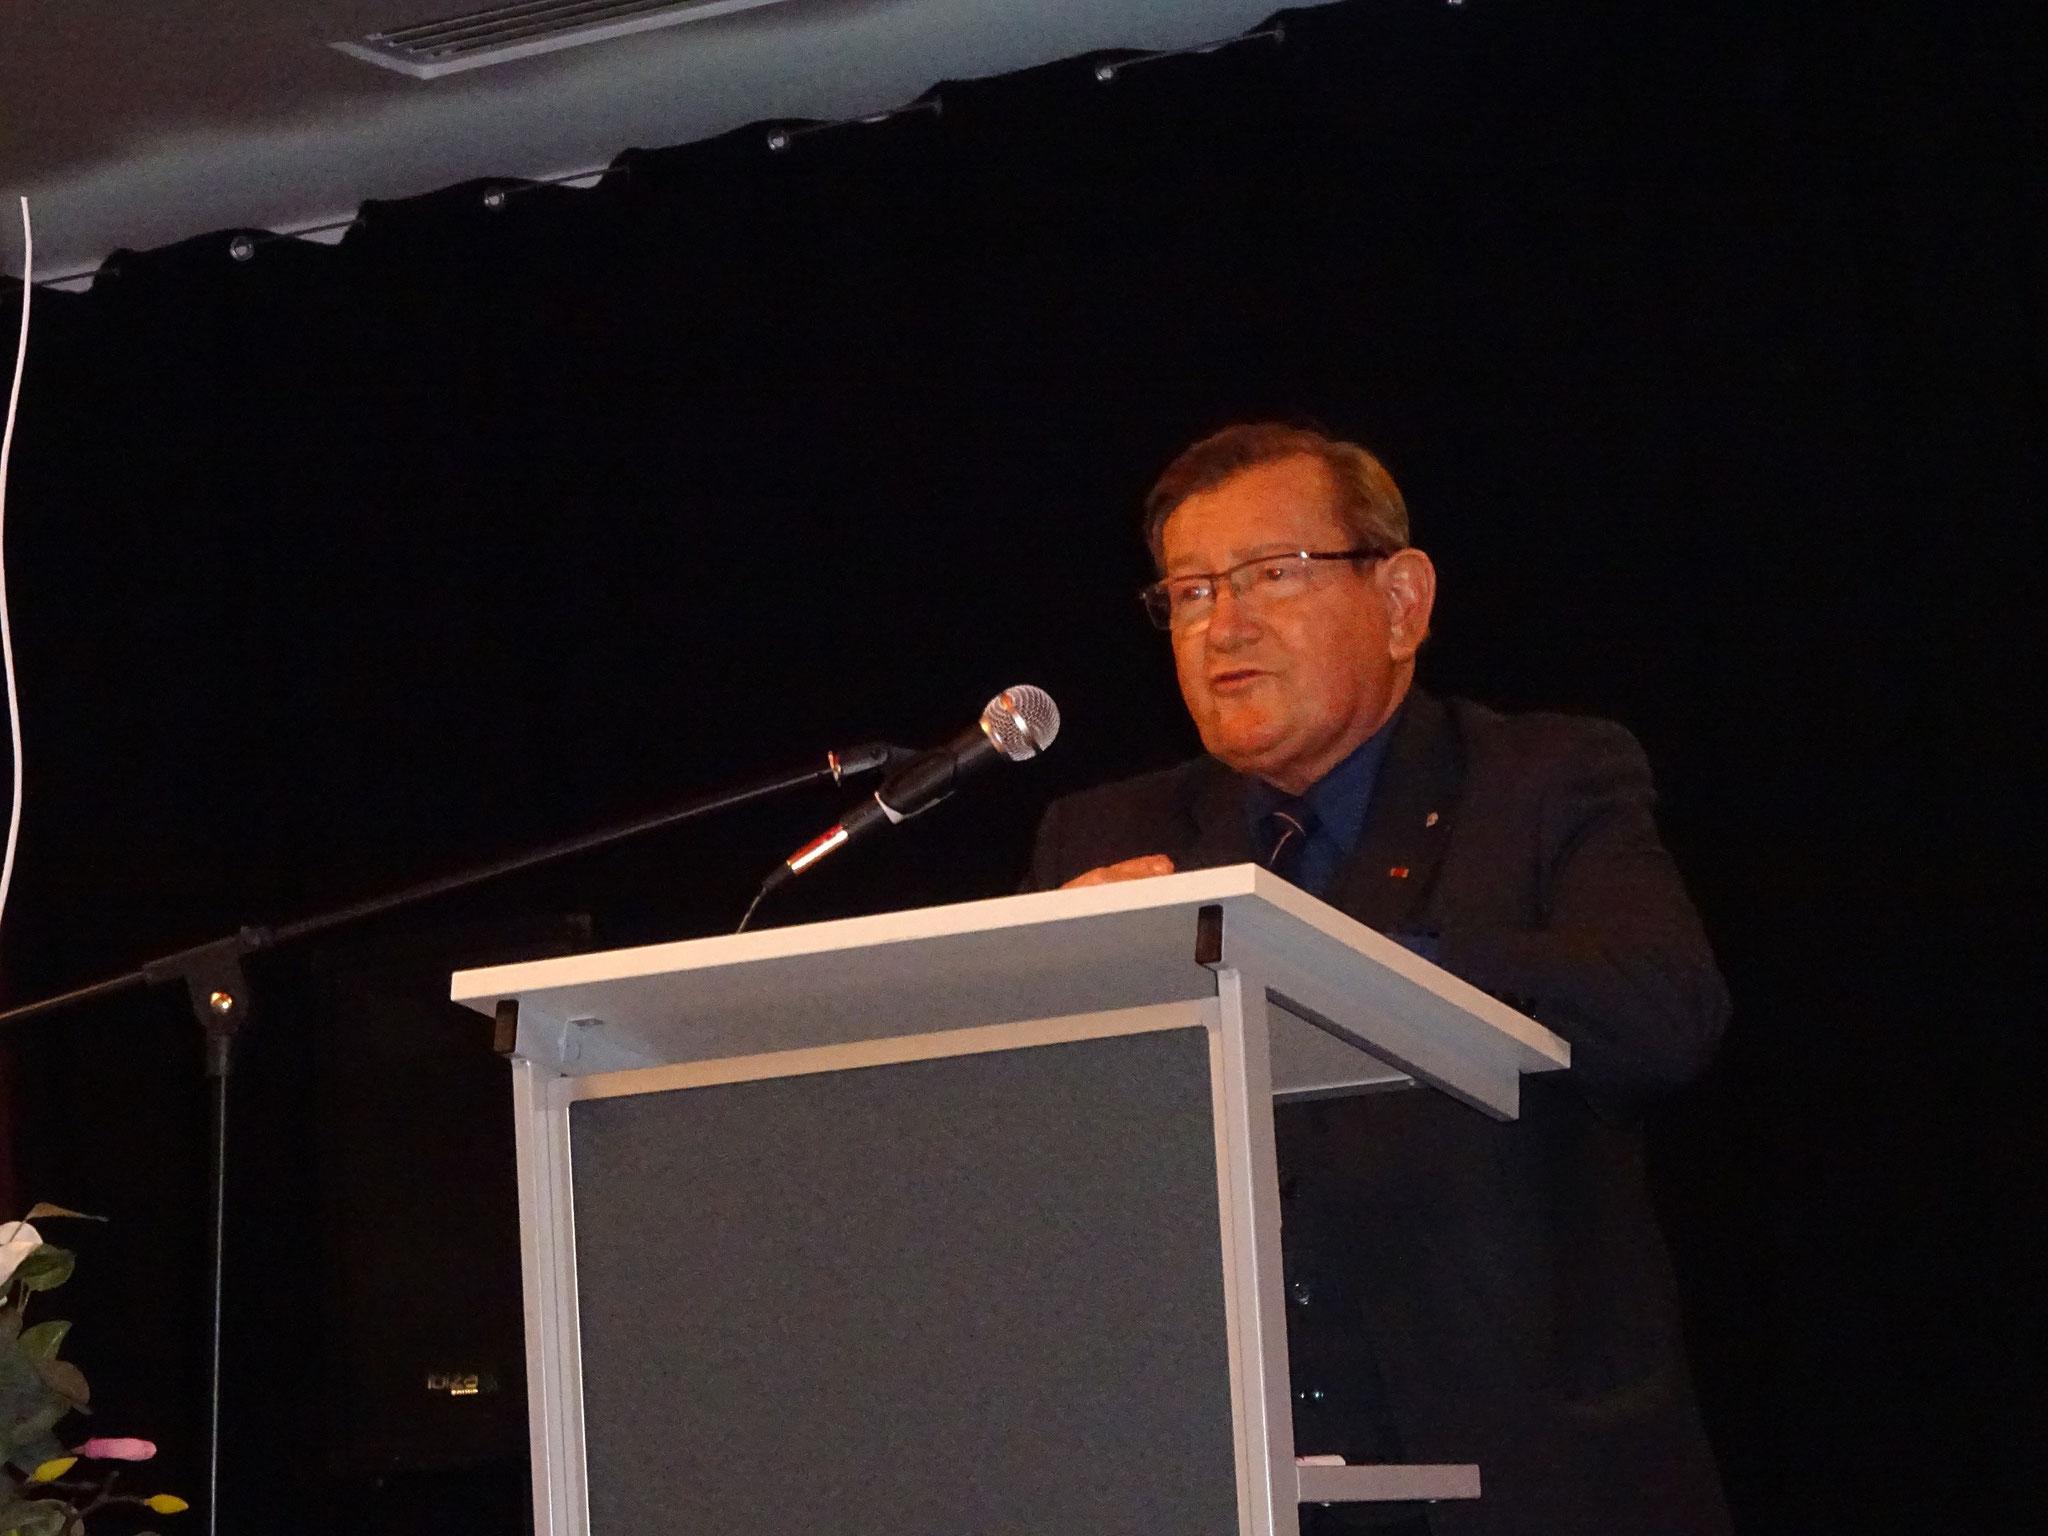 Grußwort Herr Burkhard Müller, stellv. Bürgermeister Bad Bramstedt